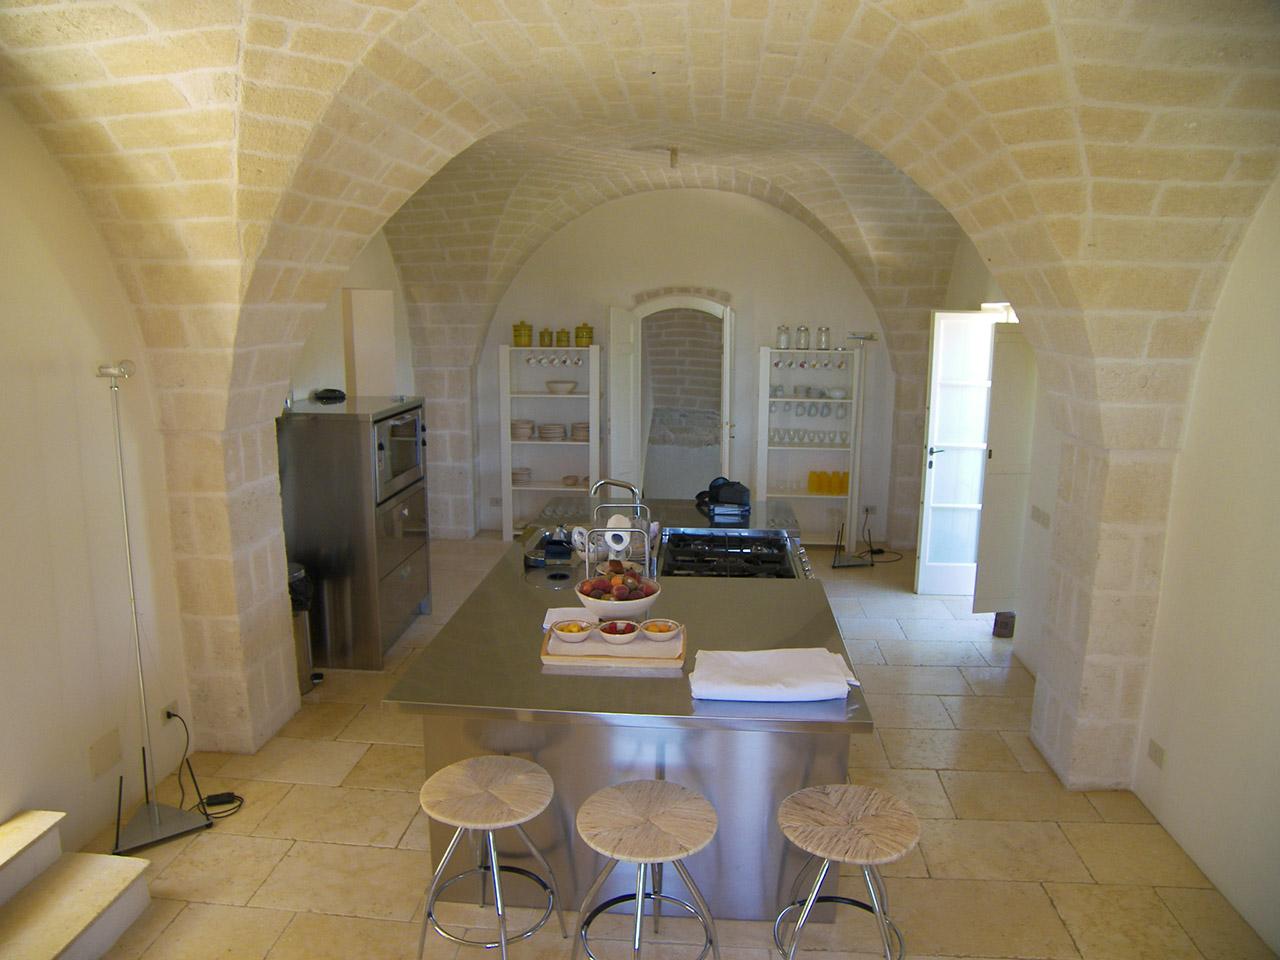 costruzioni restauri sirio ostuni restauro ristrutturazione masseria le taverne ostuni 100 6979